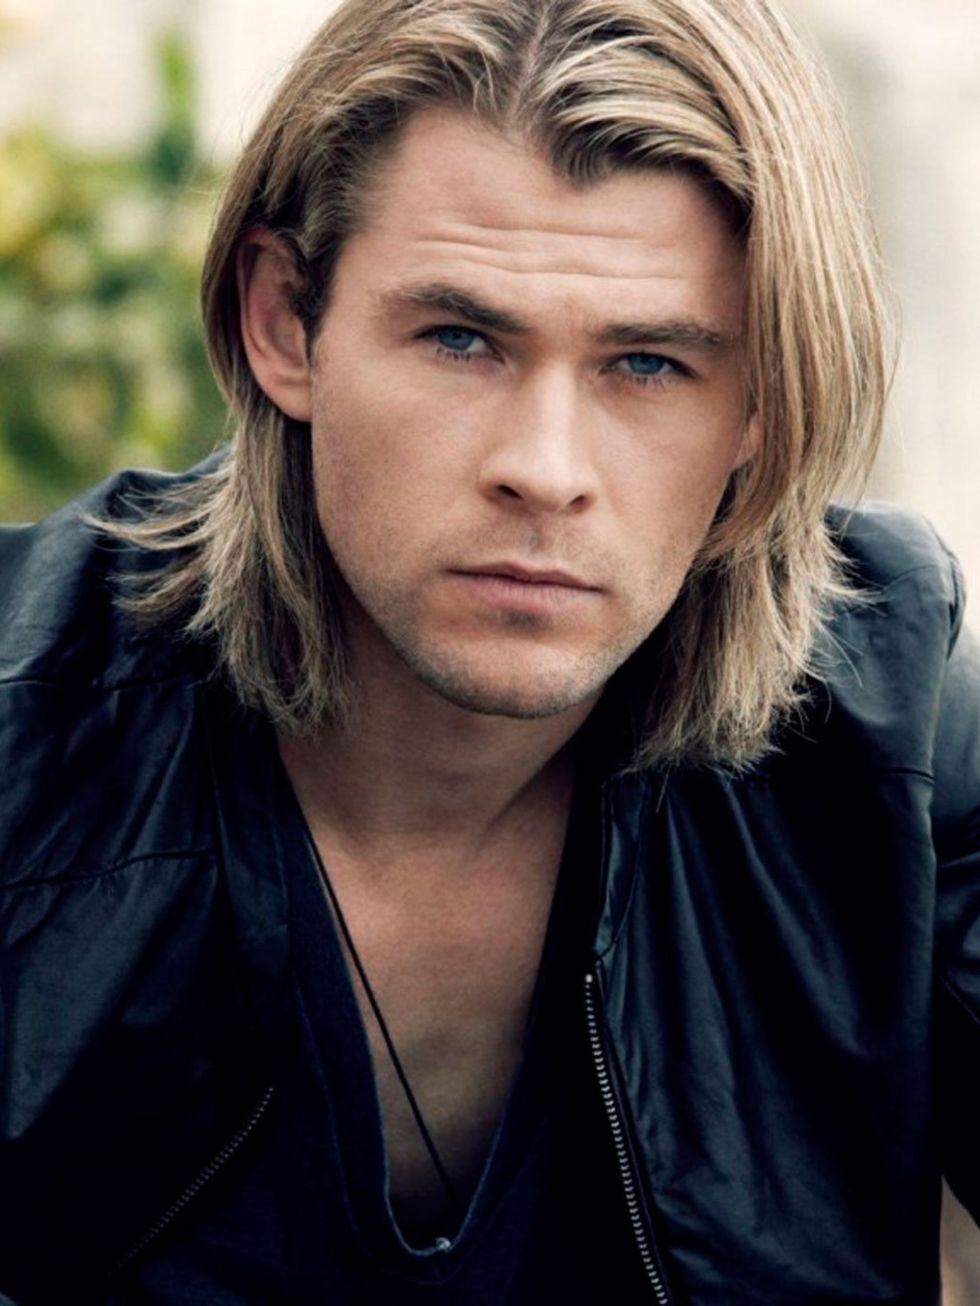 mái tóc dài của diễn viên chris hemsworth